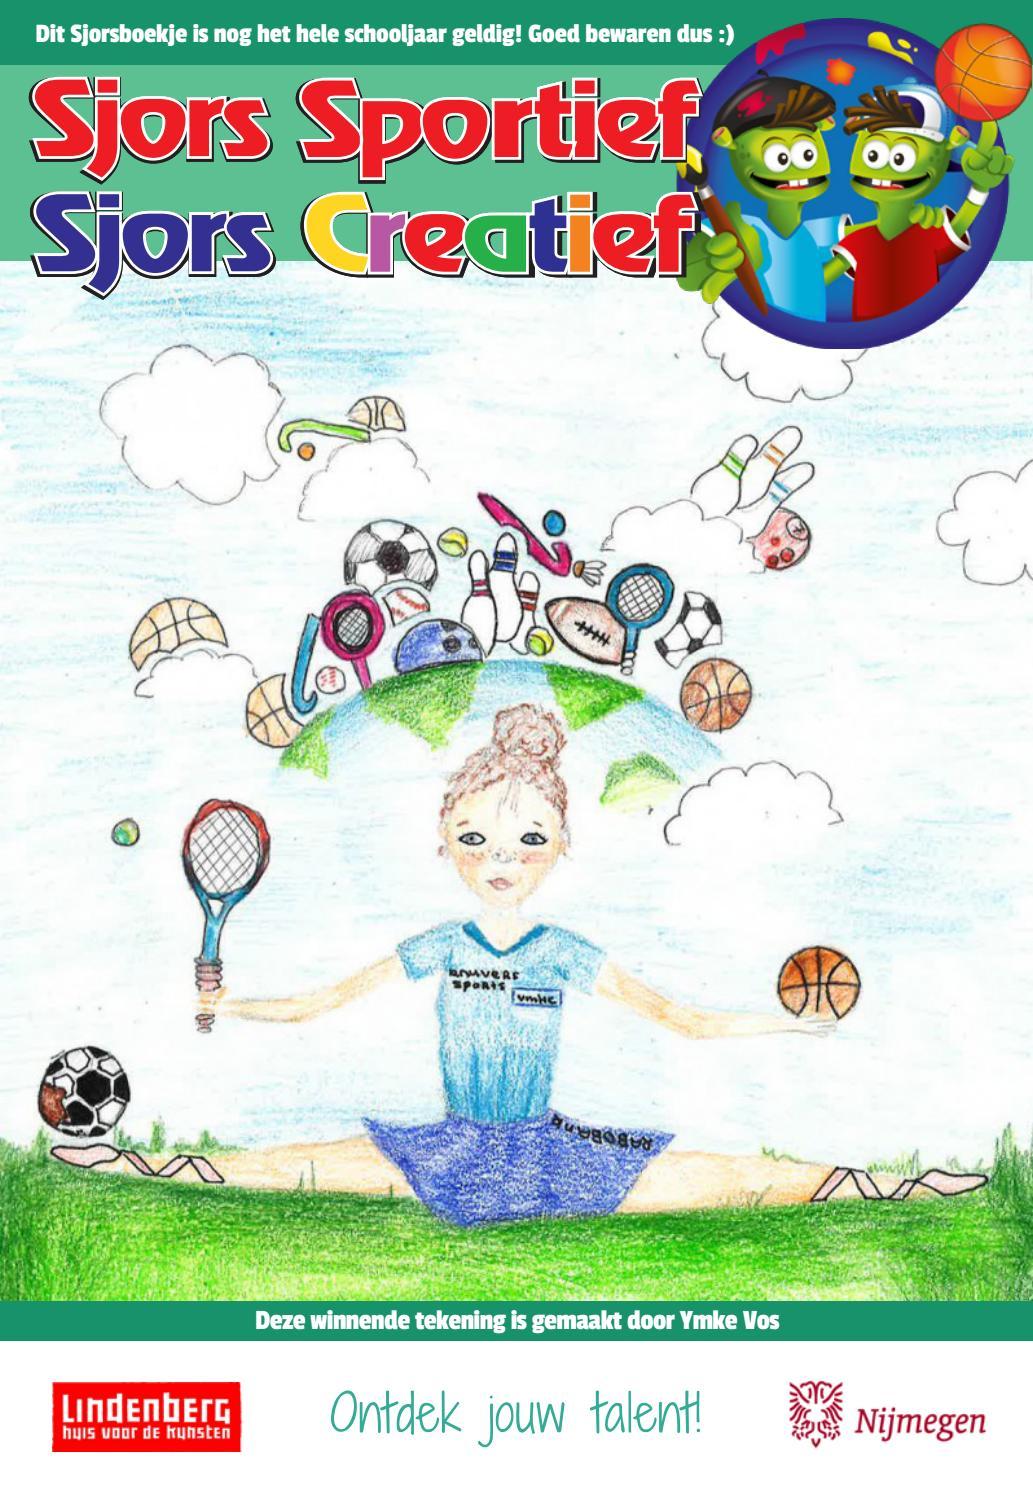 Kleurplaten En Zo Manege.Sjors Sportief Sjors Creatief Nijmegen By Sjors Sportief Sjors